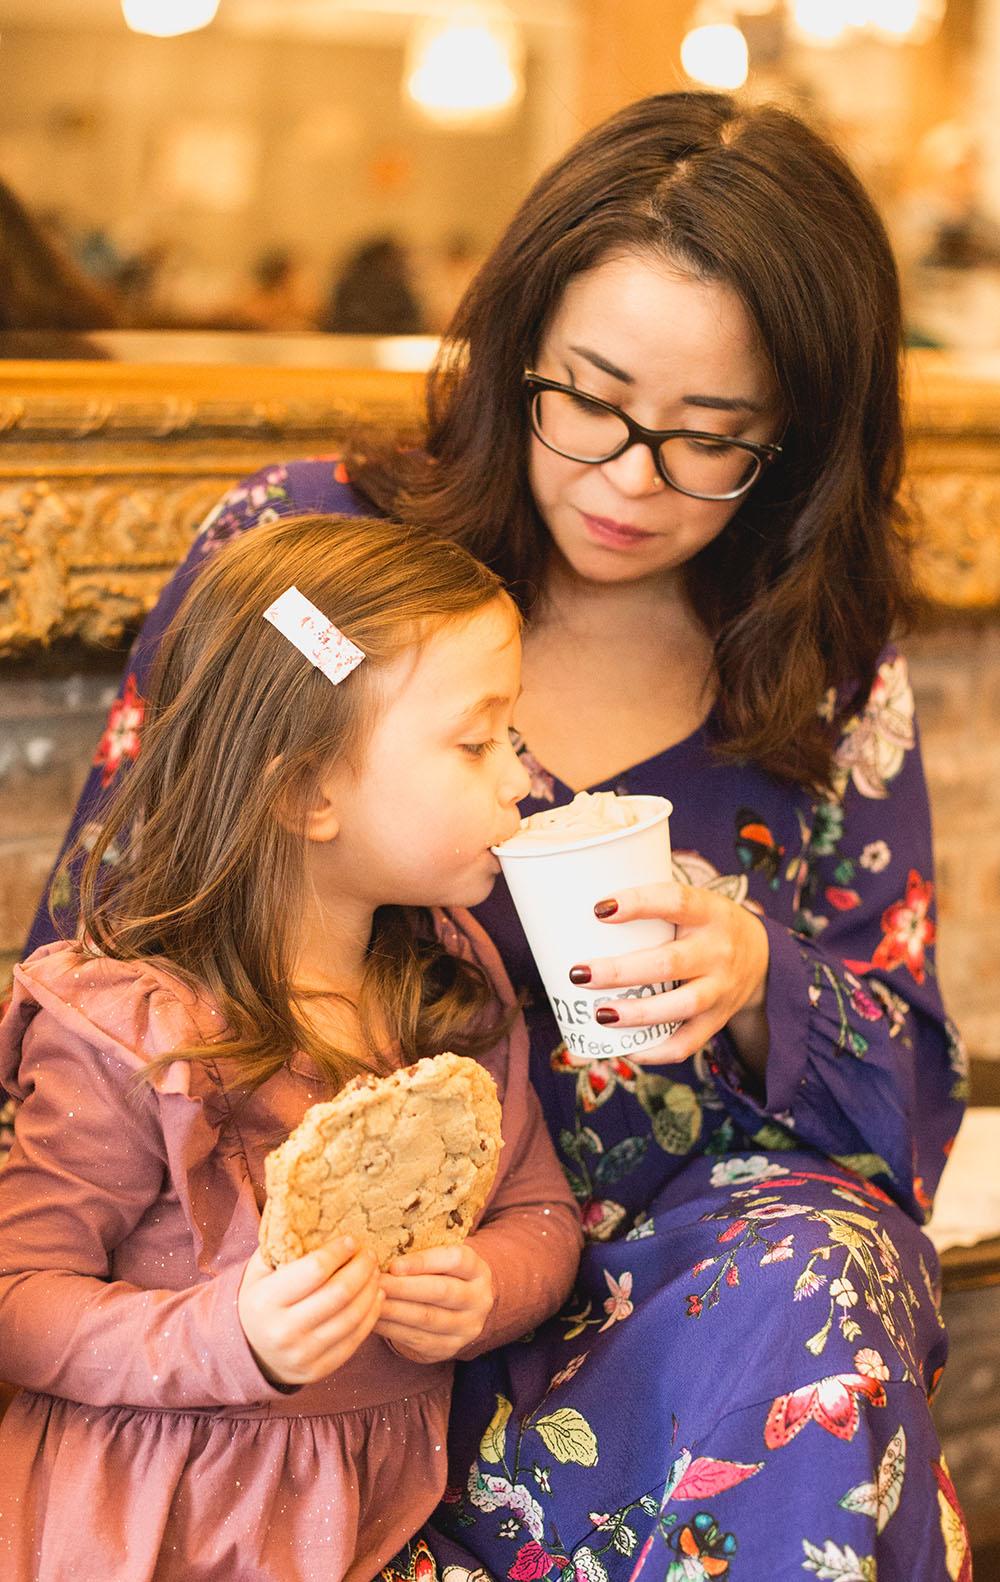 family-photo-shoot-kids-misbehaving-bribery.jpg